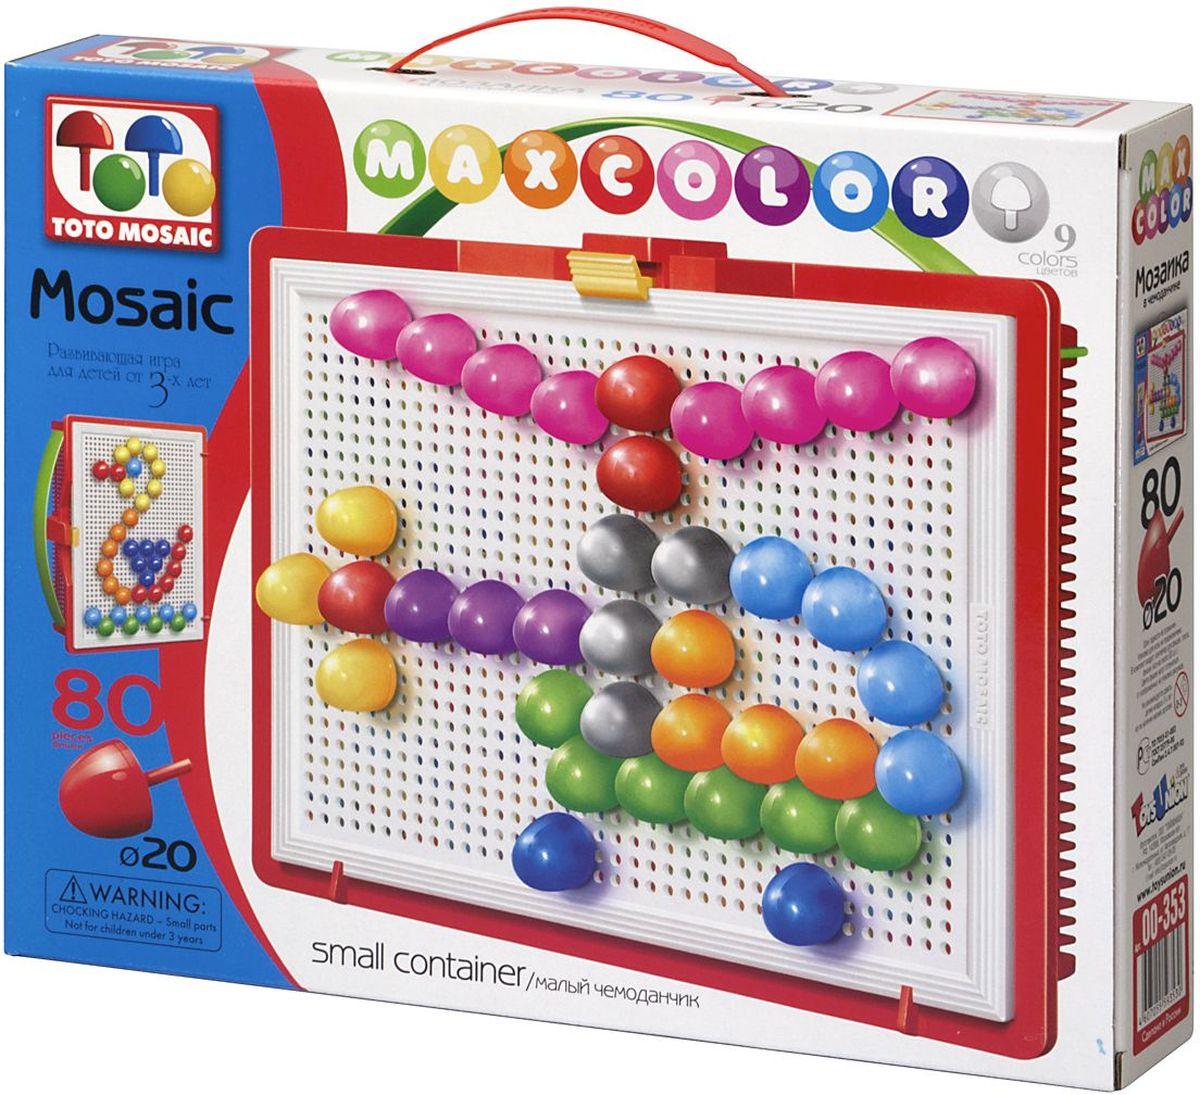 Toto Mosaic Мозаика В облаках00-353Мозаика «MAXCOLOR» Smal container – яркая, увлекательная, развивающая игра для детей от 3-х лет и старше. Она способствует развитию творческих способностей ребенка, его воображения, внимания, усидчивости, умению доводить начатое дело до конца, а так же координации и моторики движения рук. Все эти качества делают мозаику незаменимым пособием для успешной подготовки ребят 3-5 лет к началу обучения в школе. Комплектация «MAXCOLOR» ФИШКИ Игра комплектуется фишками различного размера (o 20, o 15, o 10, o 5) округлой формы, которые удобно и приятно держать в руках, поэтому с ними справится даже самый крохотный малыш. Фишки o 20 рассчитаны на самых маленьких игроков. Так же, в этой серии имеются наборы, комплектуемые треугольными и квадратными фишками. Они рассчитаны на детей постарше. ПЛАТА Все фишки легко крепятся и легко снимаются с игрового поля – платы, которая позволяет малышу не ограничивать свои движения при складывании мозаики. Её оригинальная конструкция...